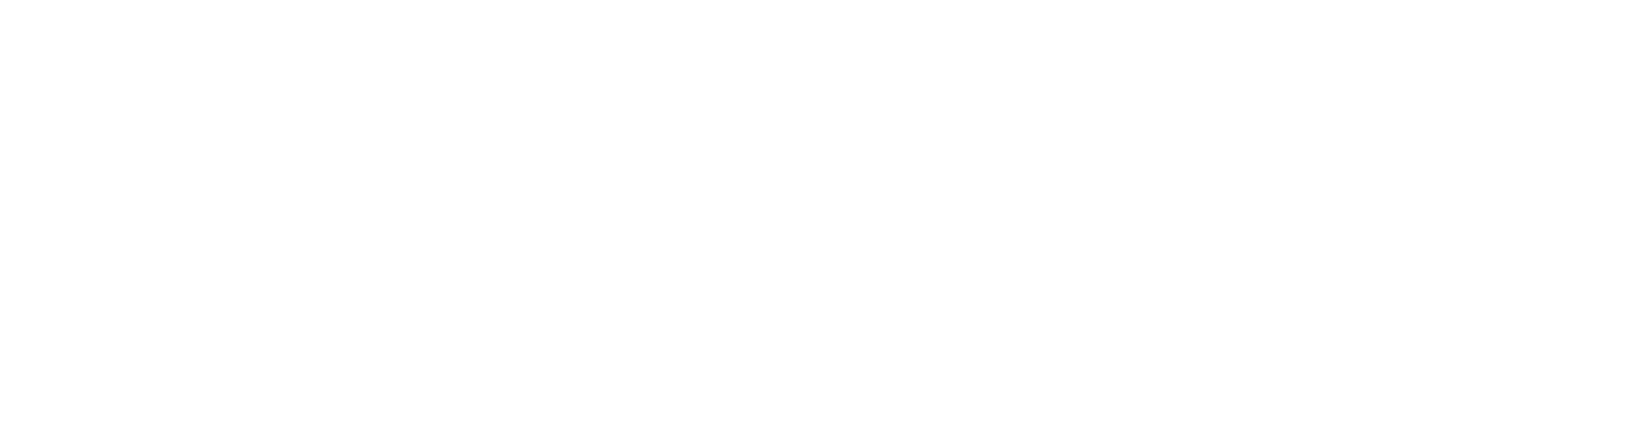 Elysium Solutions Oy